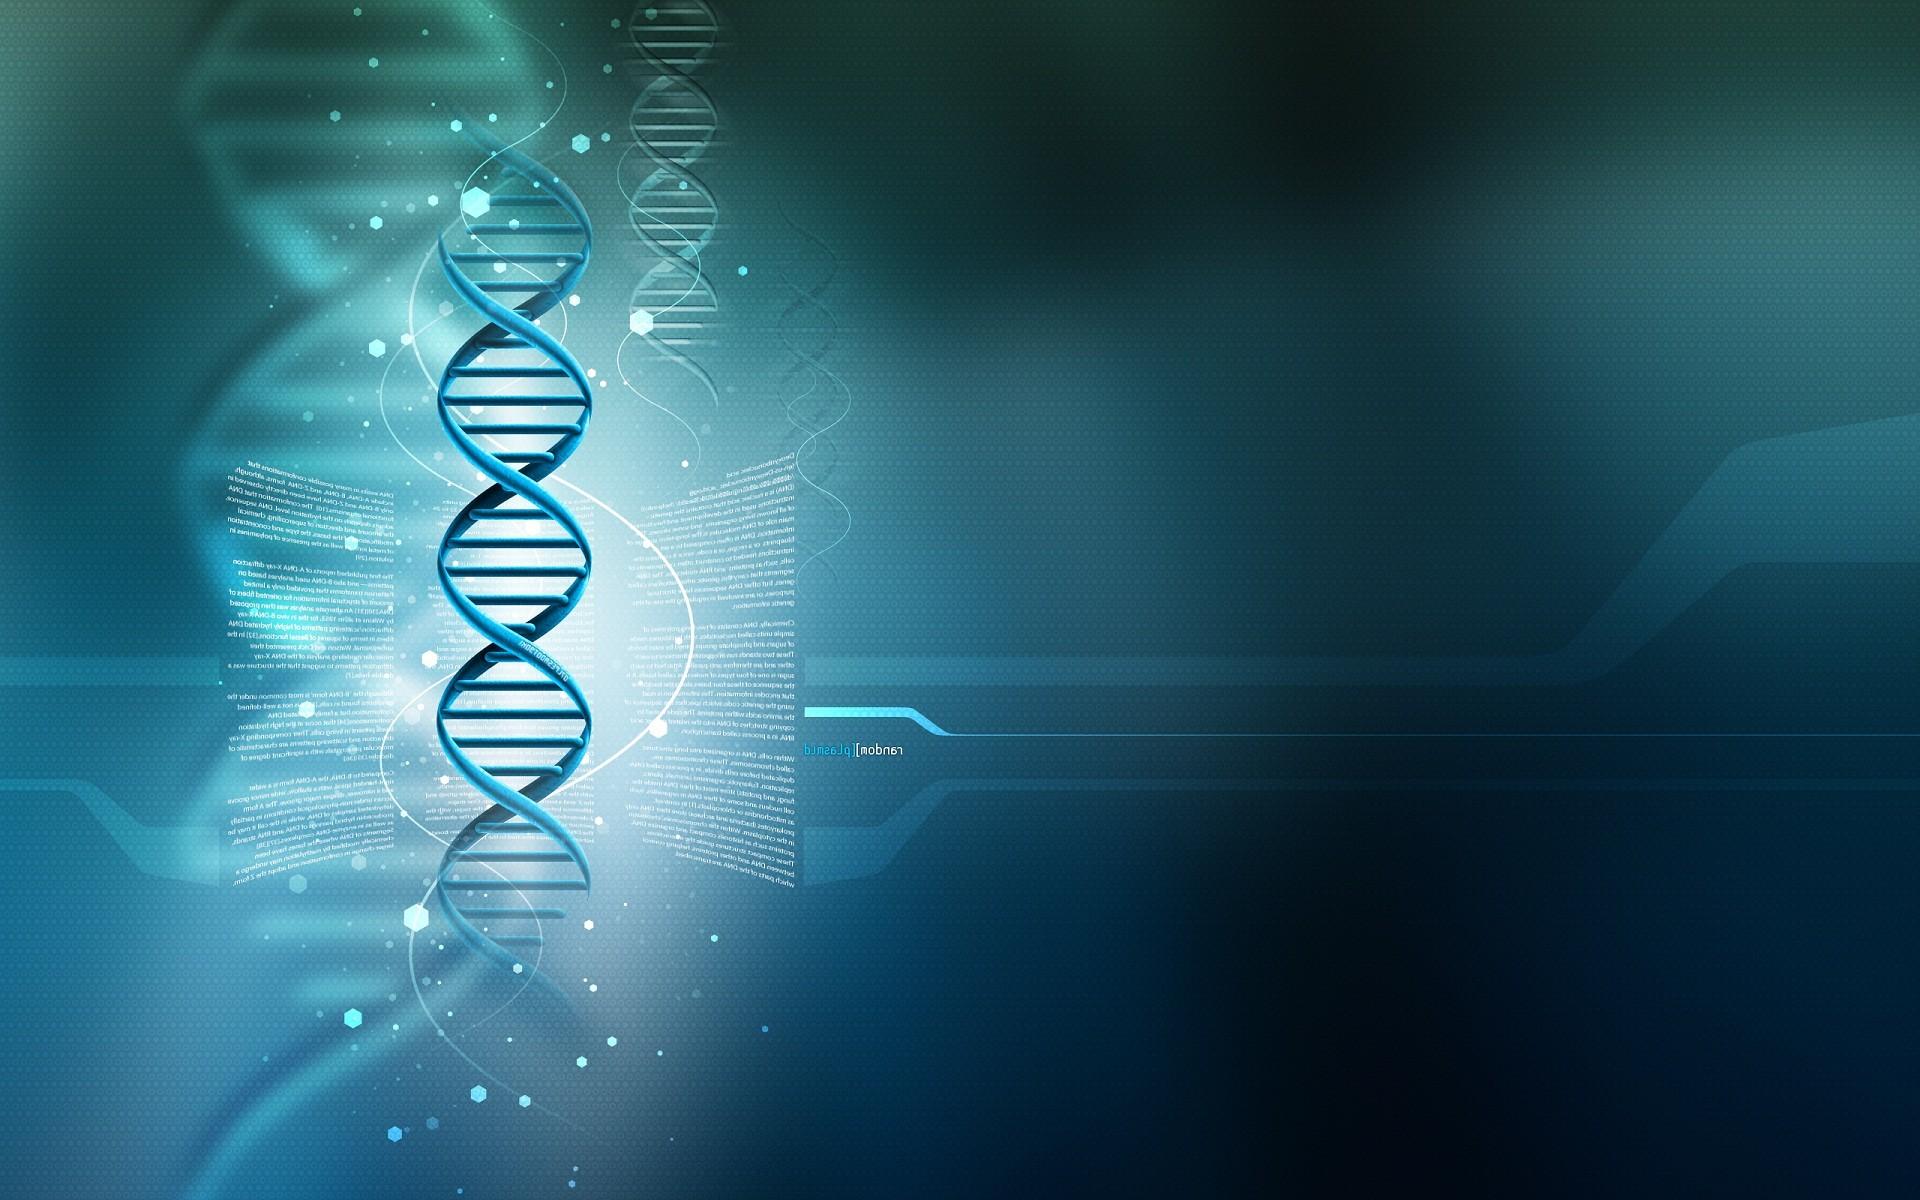 DNA 3D HD Wallpaper Widescreen Background For Desktop